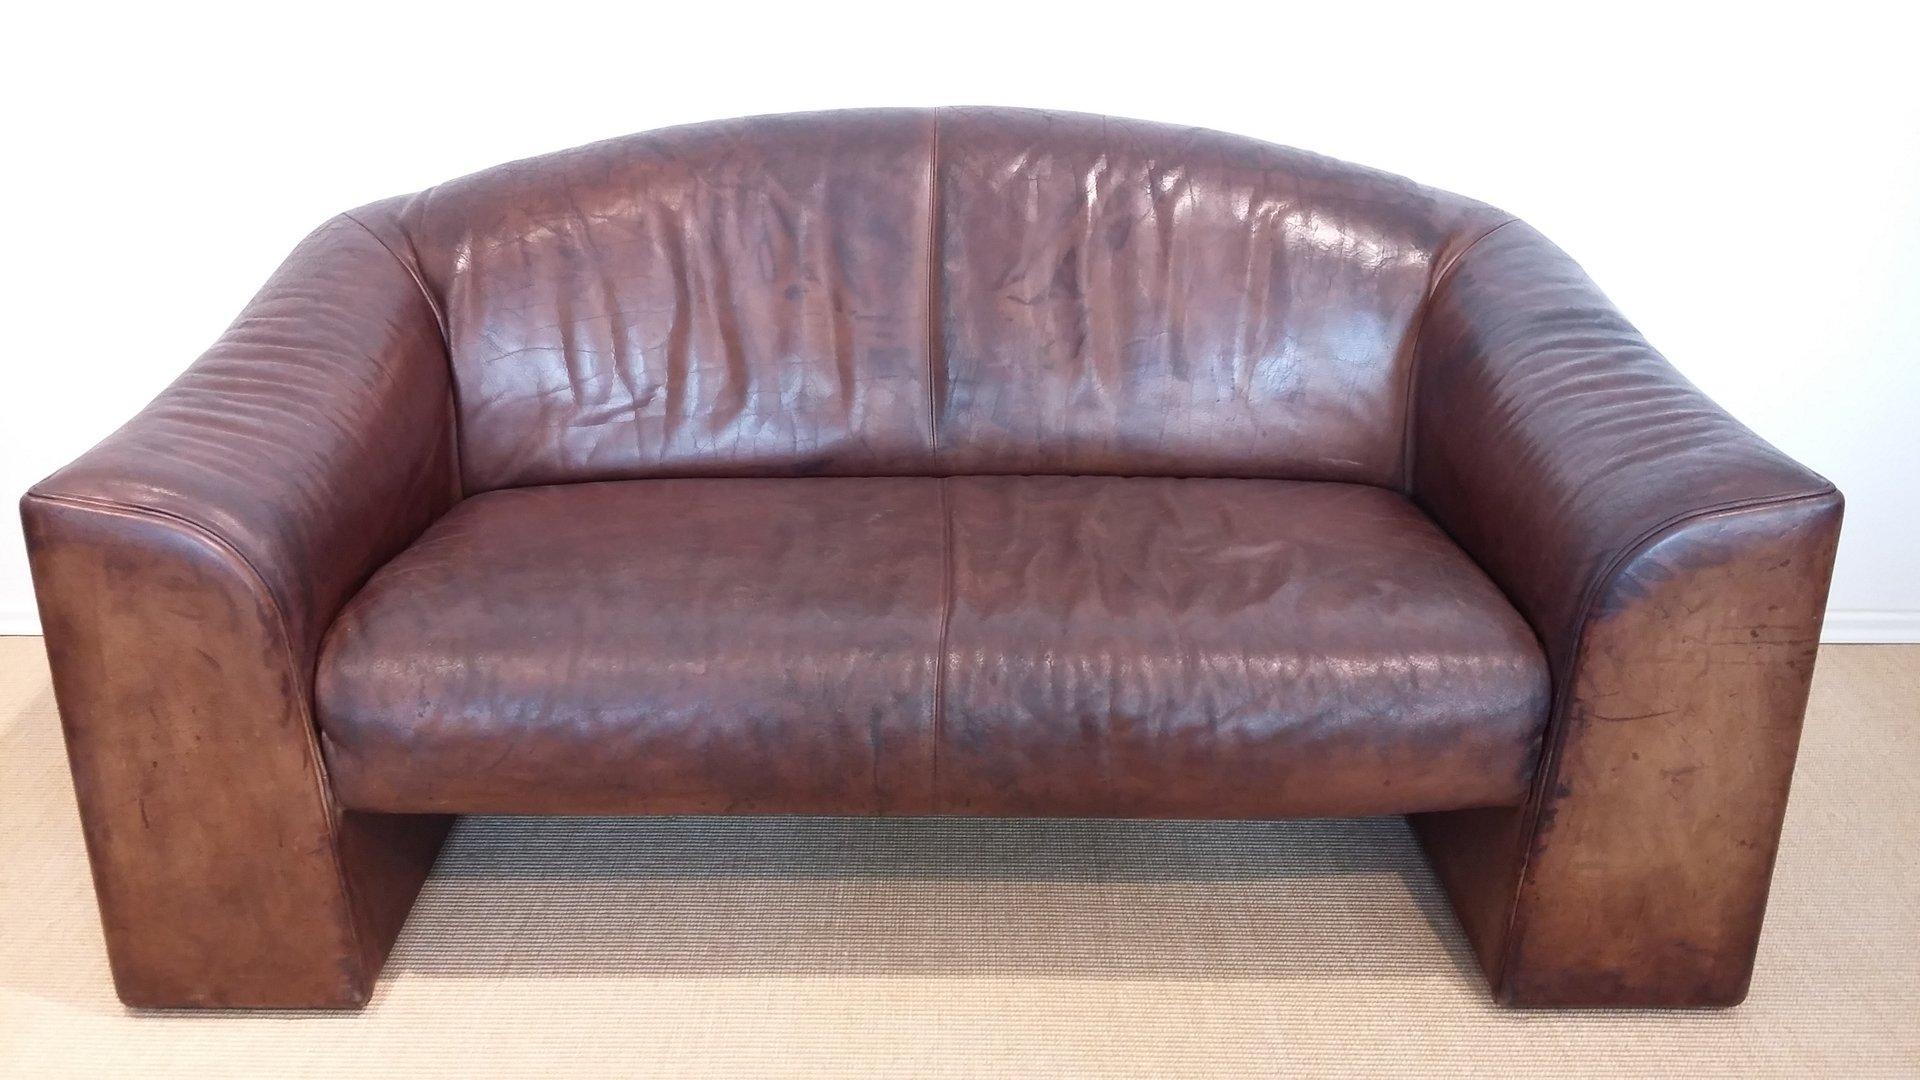 brauner vintage zwei sitzer sofa von de sede 1970er bei pamono kaufen. Black Bedroom Furniture Sets. Home Design Ideas